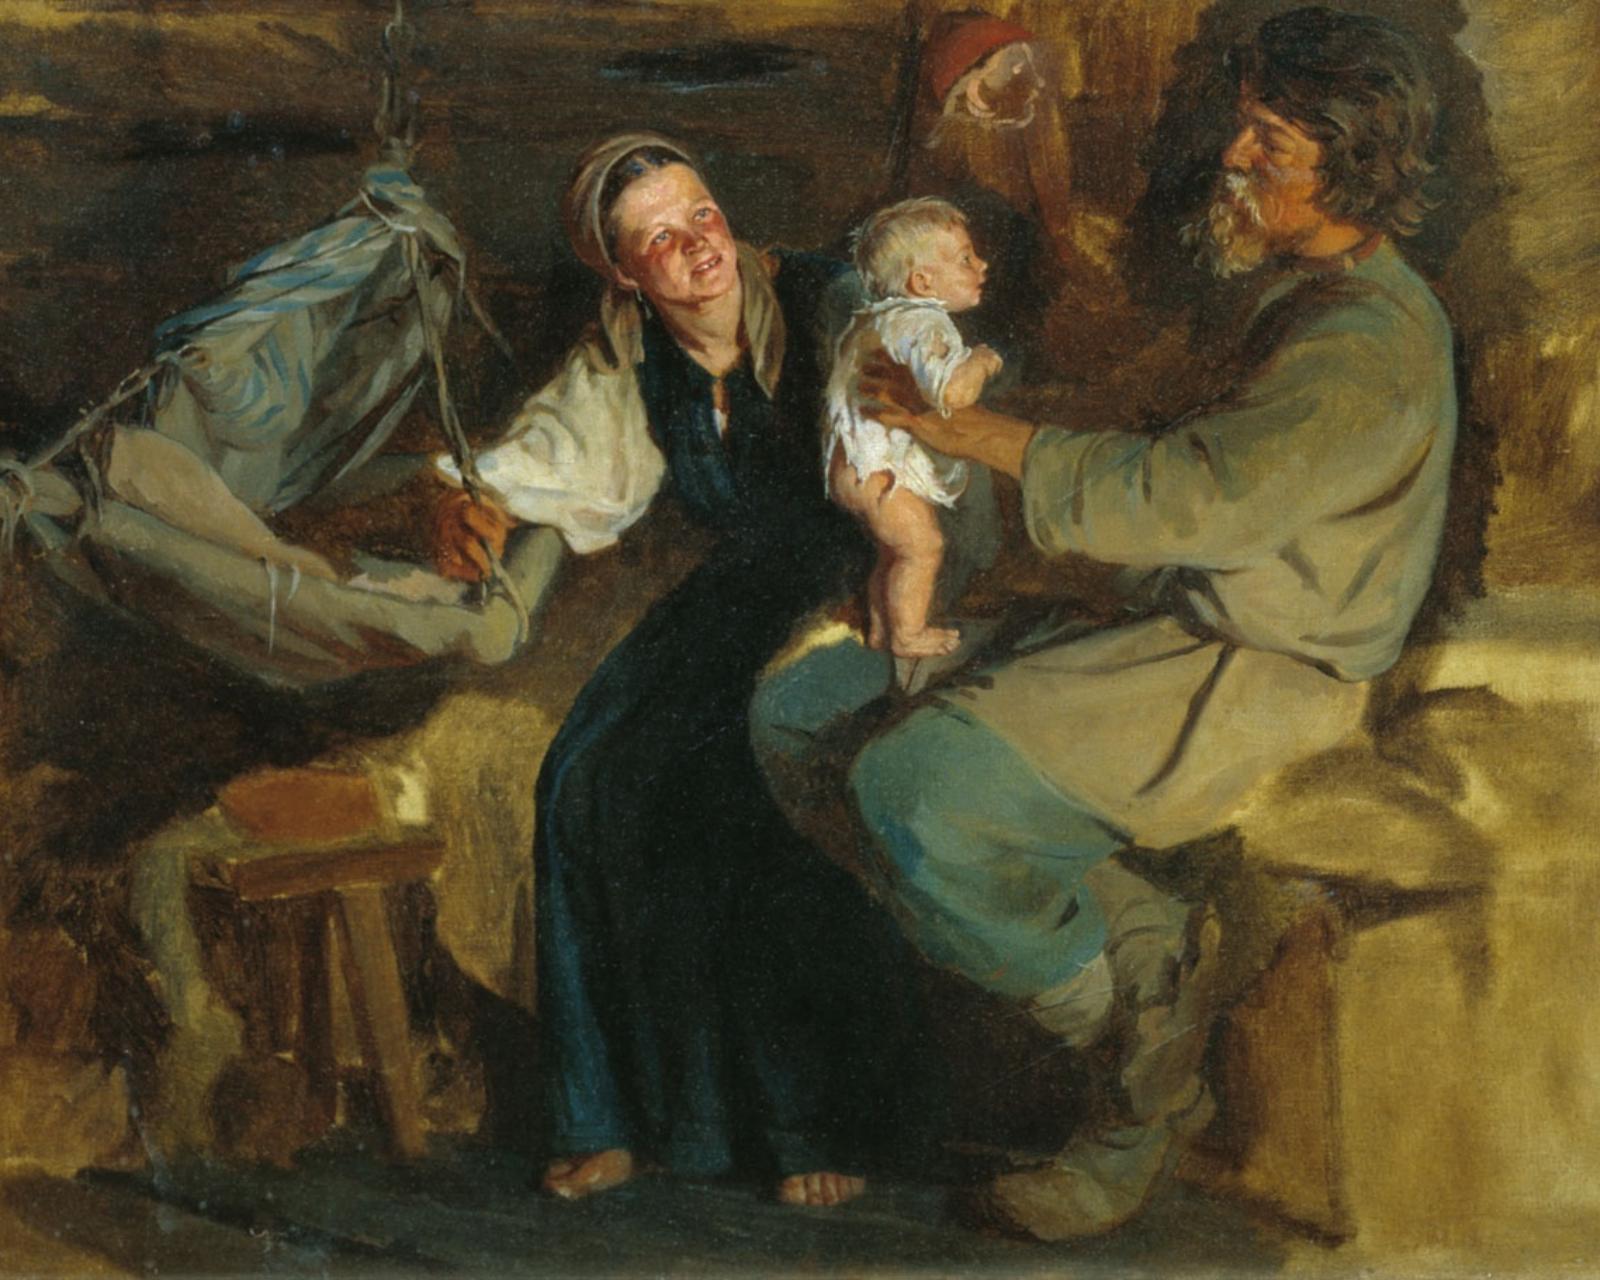 К. Лемох. Родительская радость. До 1910 г.